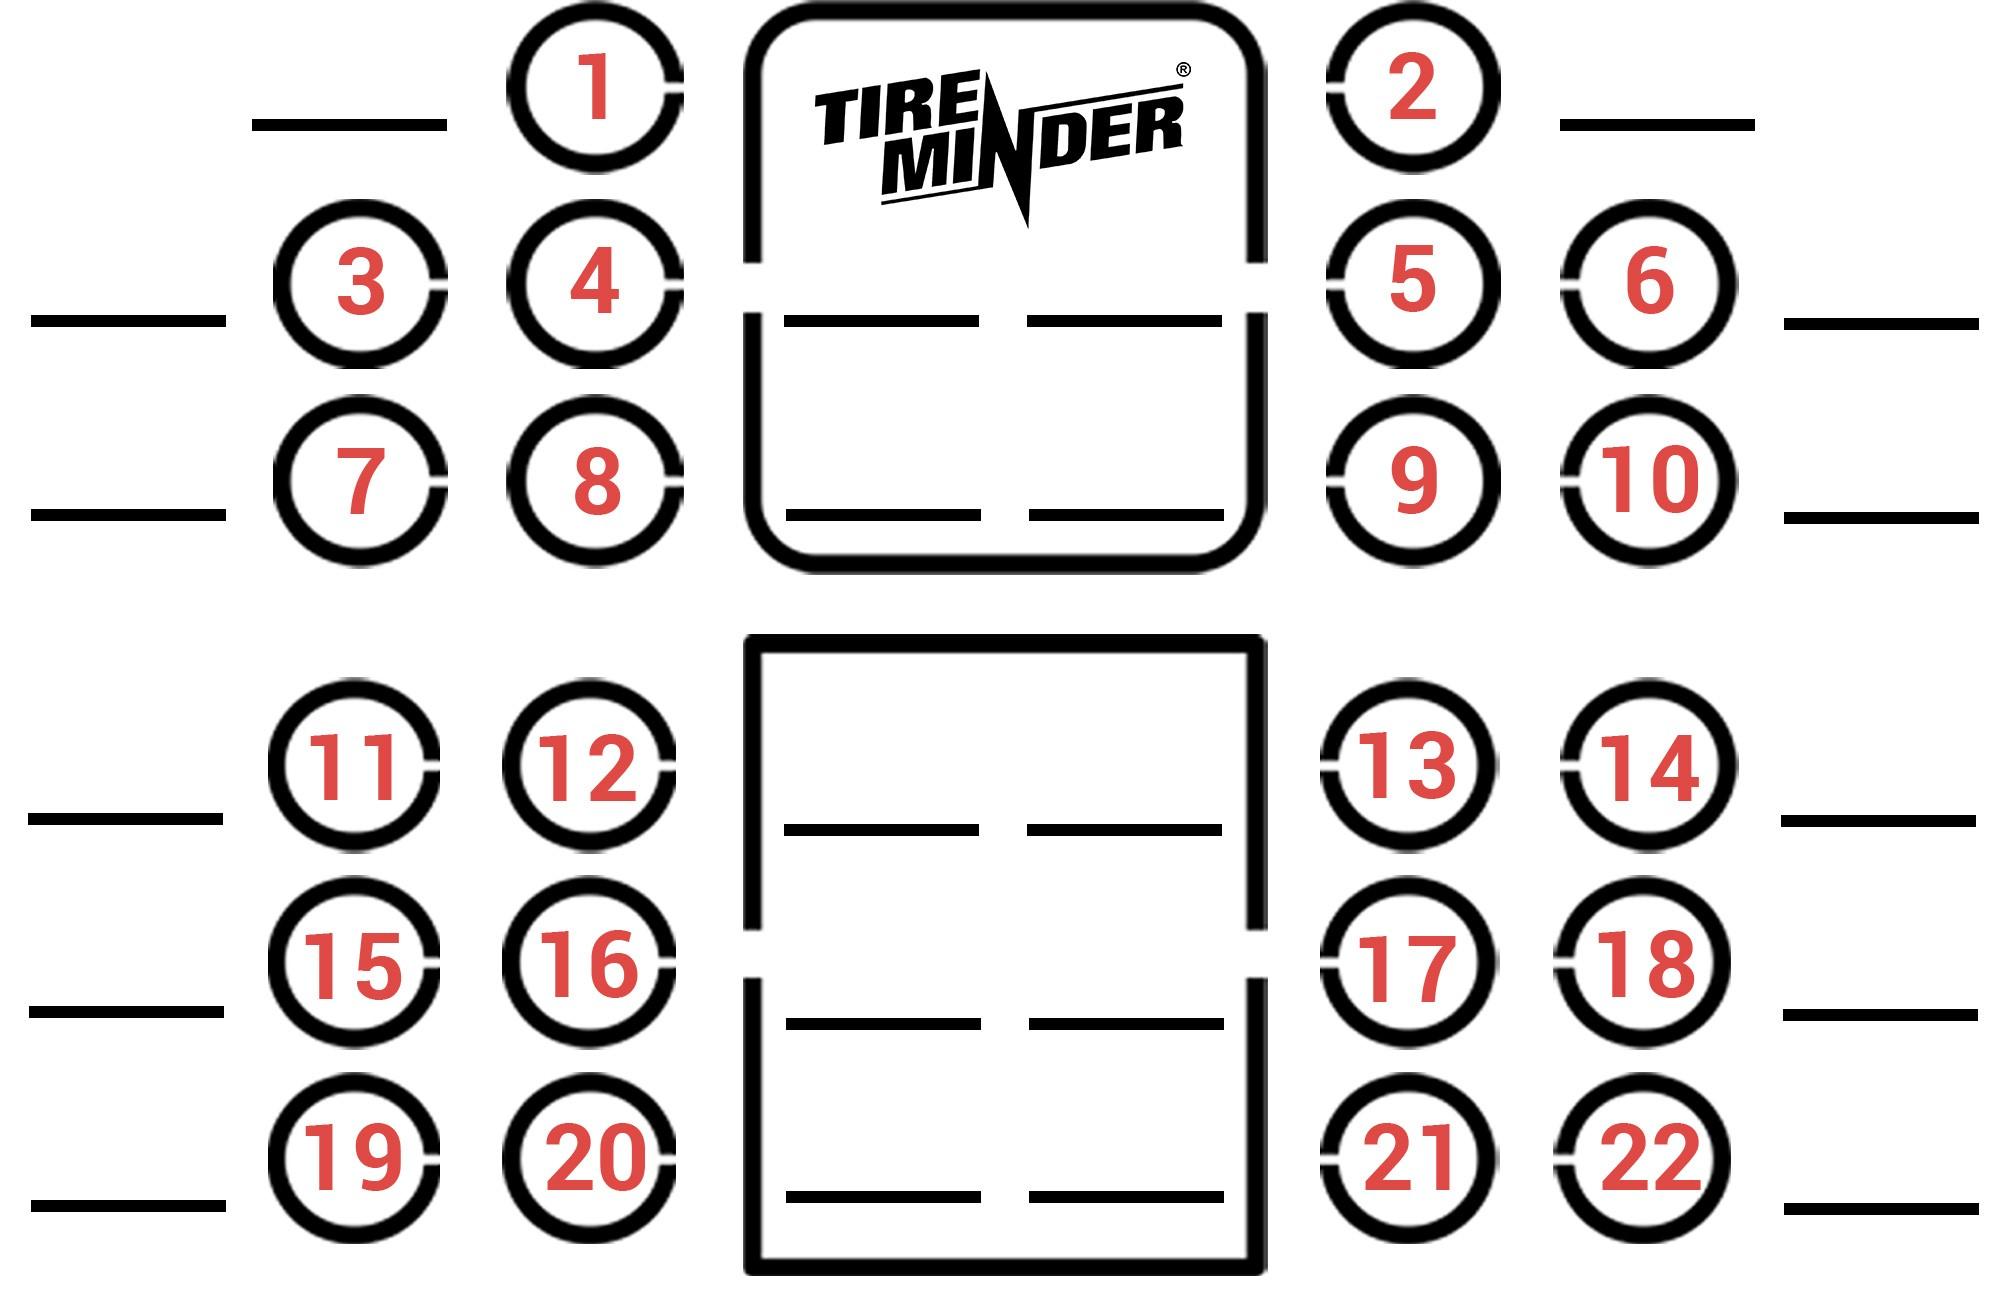 TireMinder TPMS Diagram